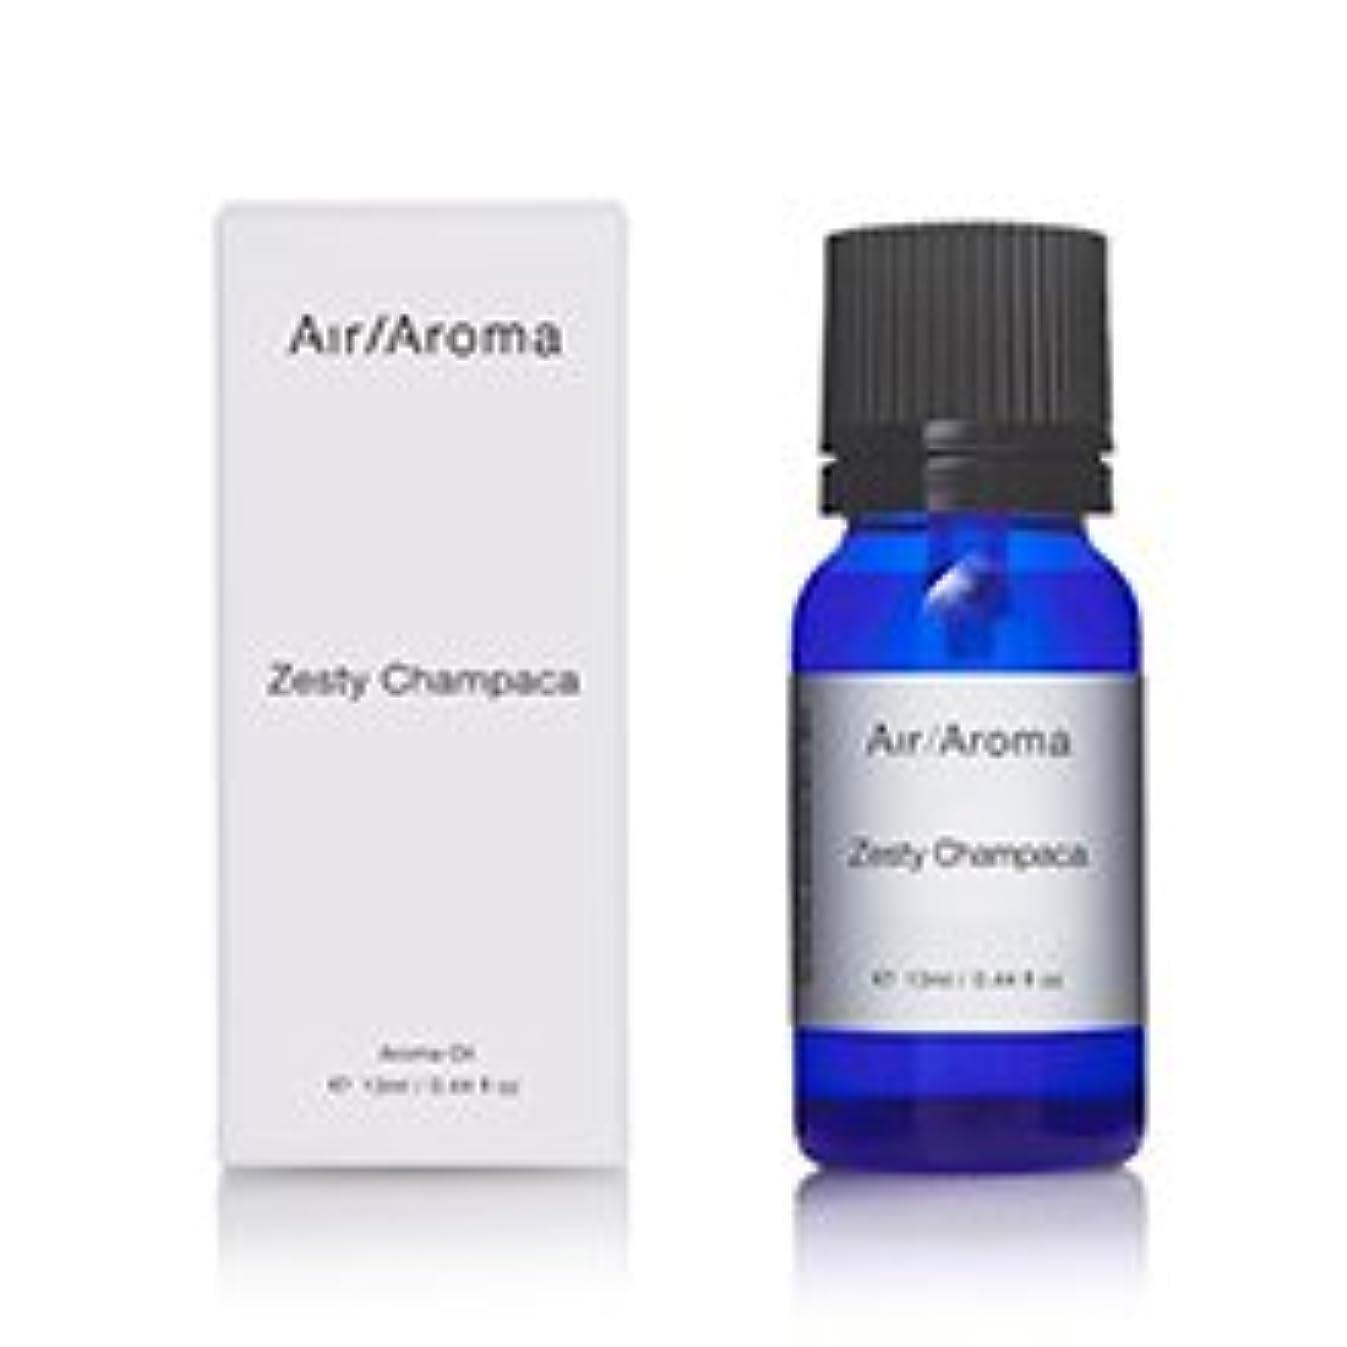 懐疑的メルボルンサービスエアアロマ zesty champaca (ゼスティチャンパカ) 13ml